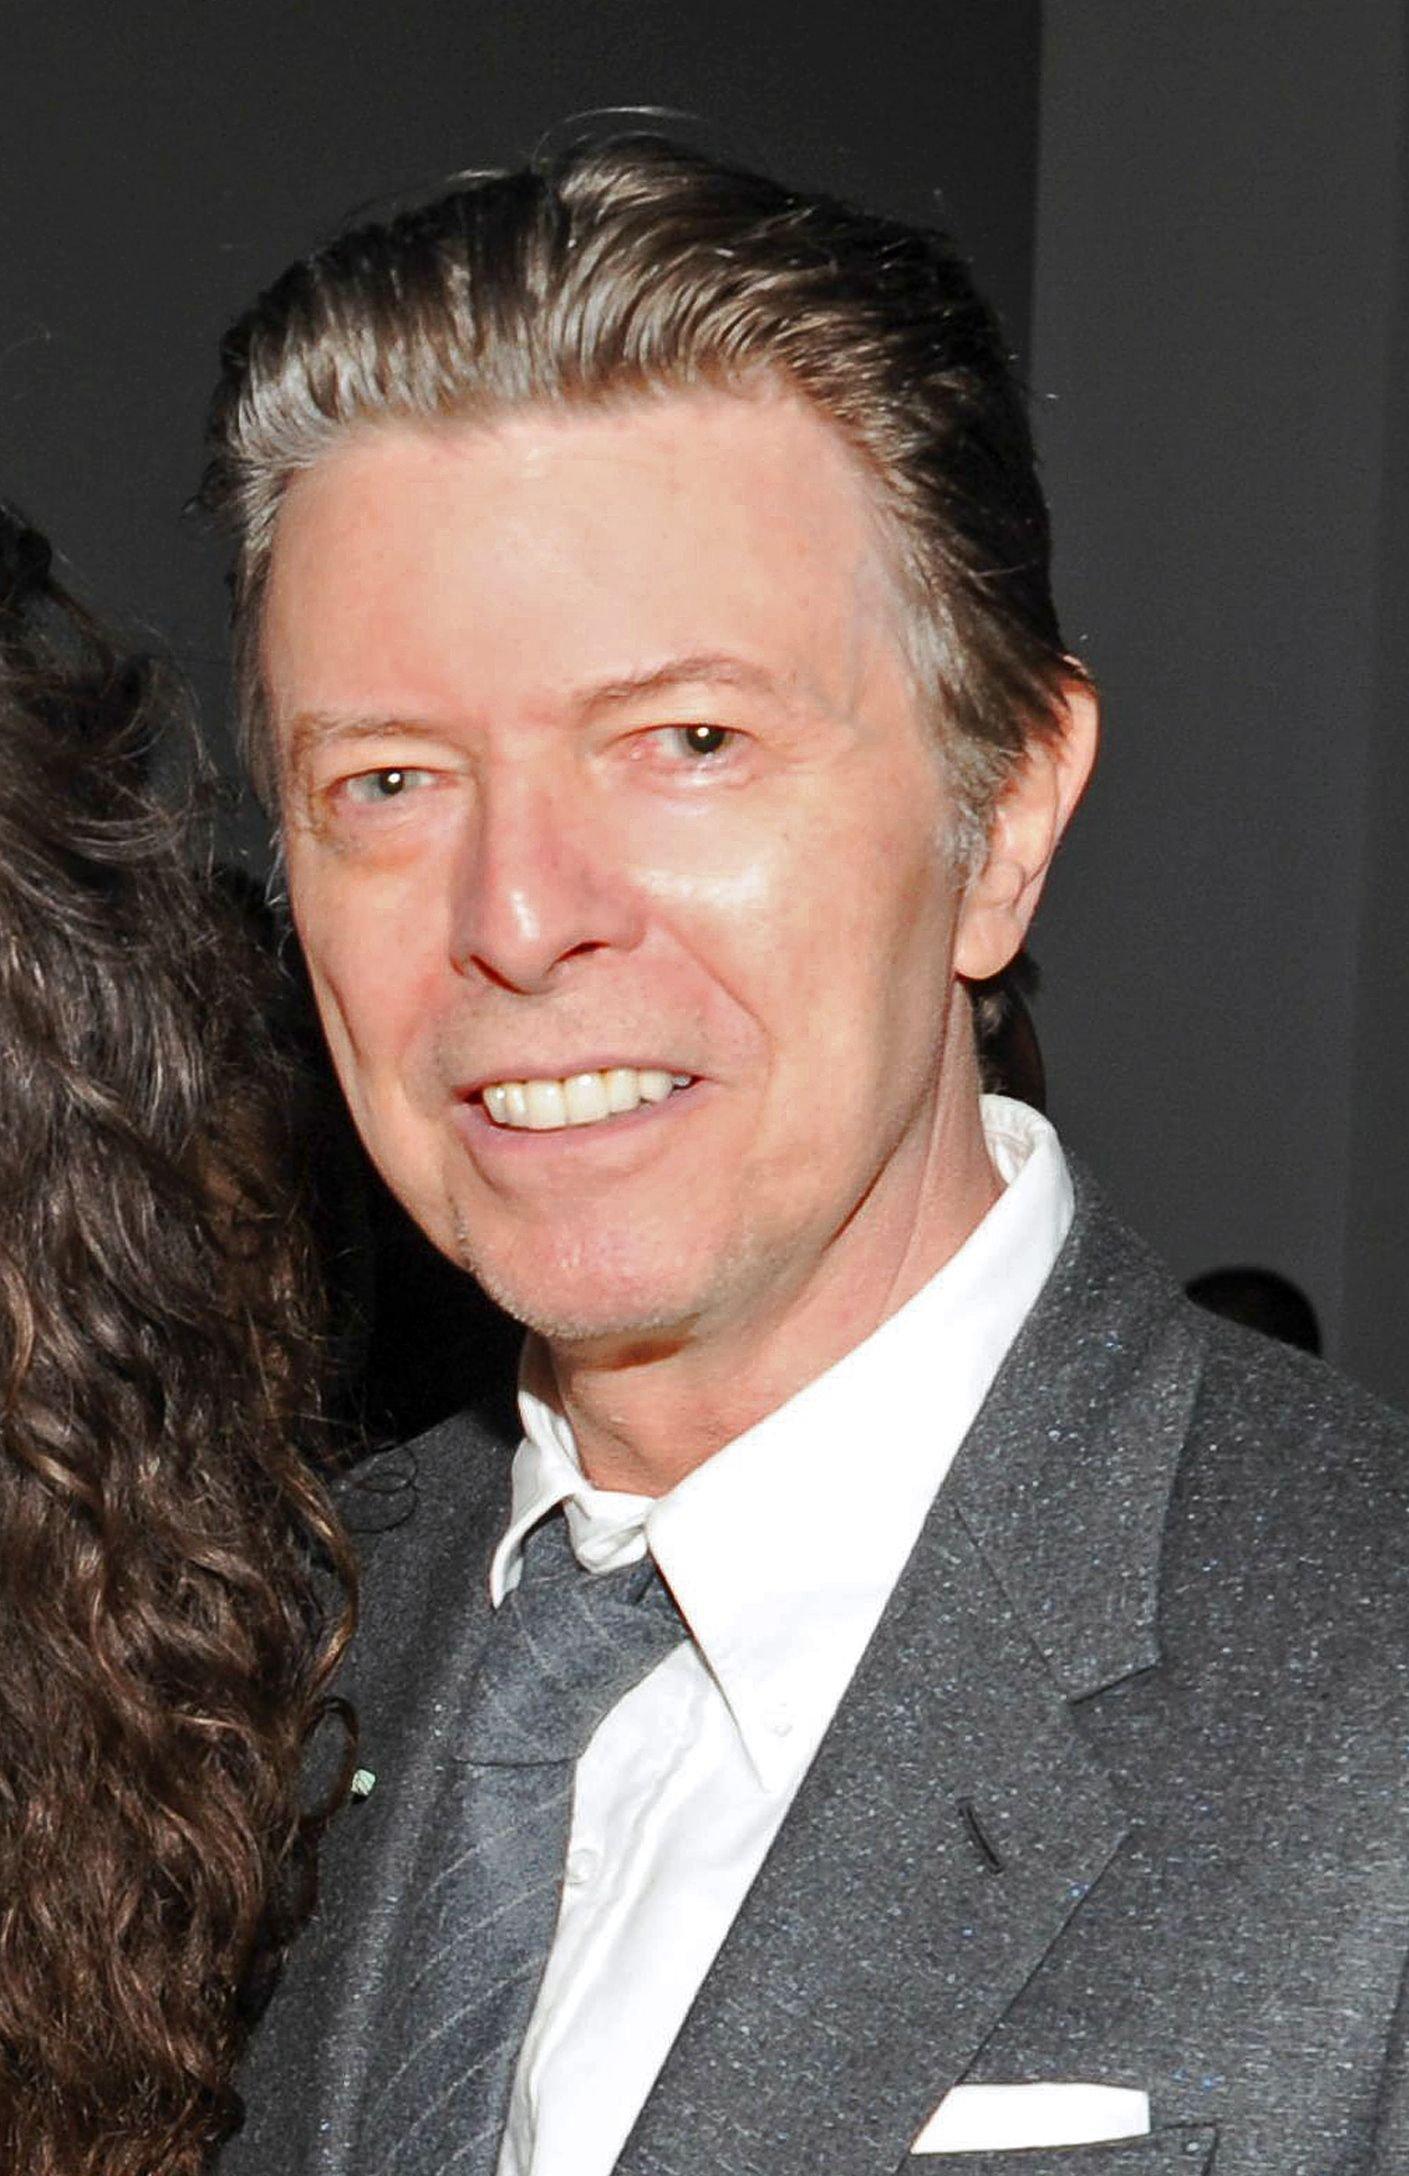 Умер 69-летний музыкант Дэвид Боуи